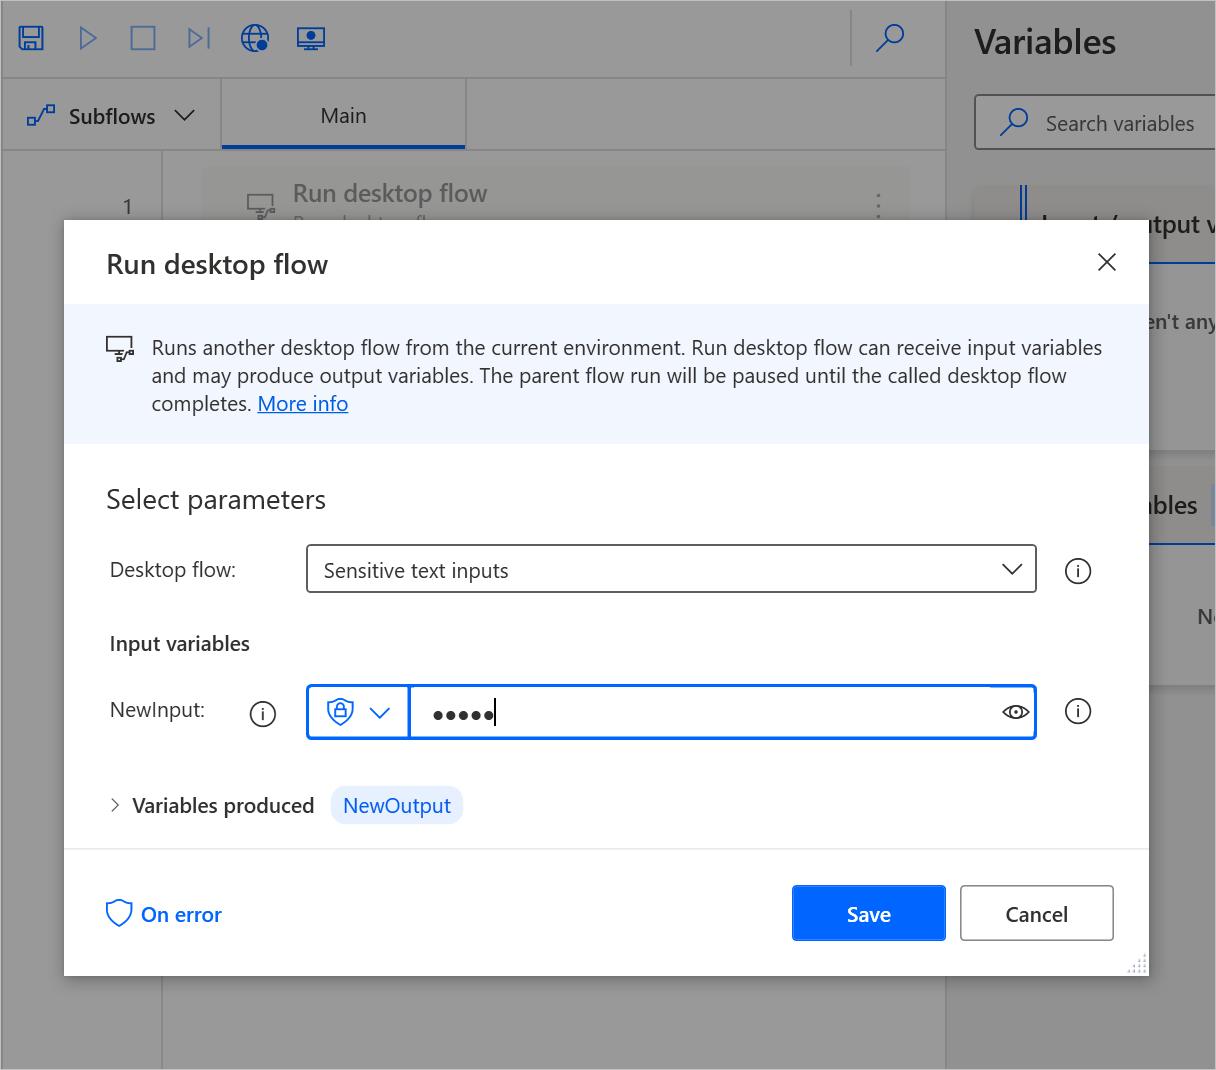 Run desktop flow action